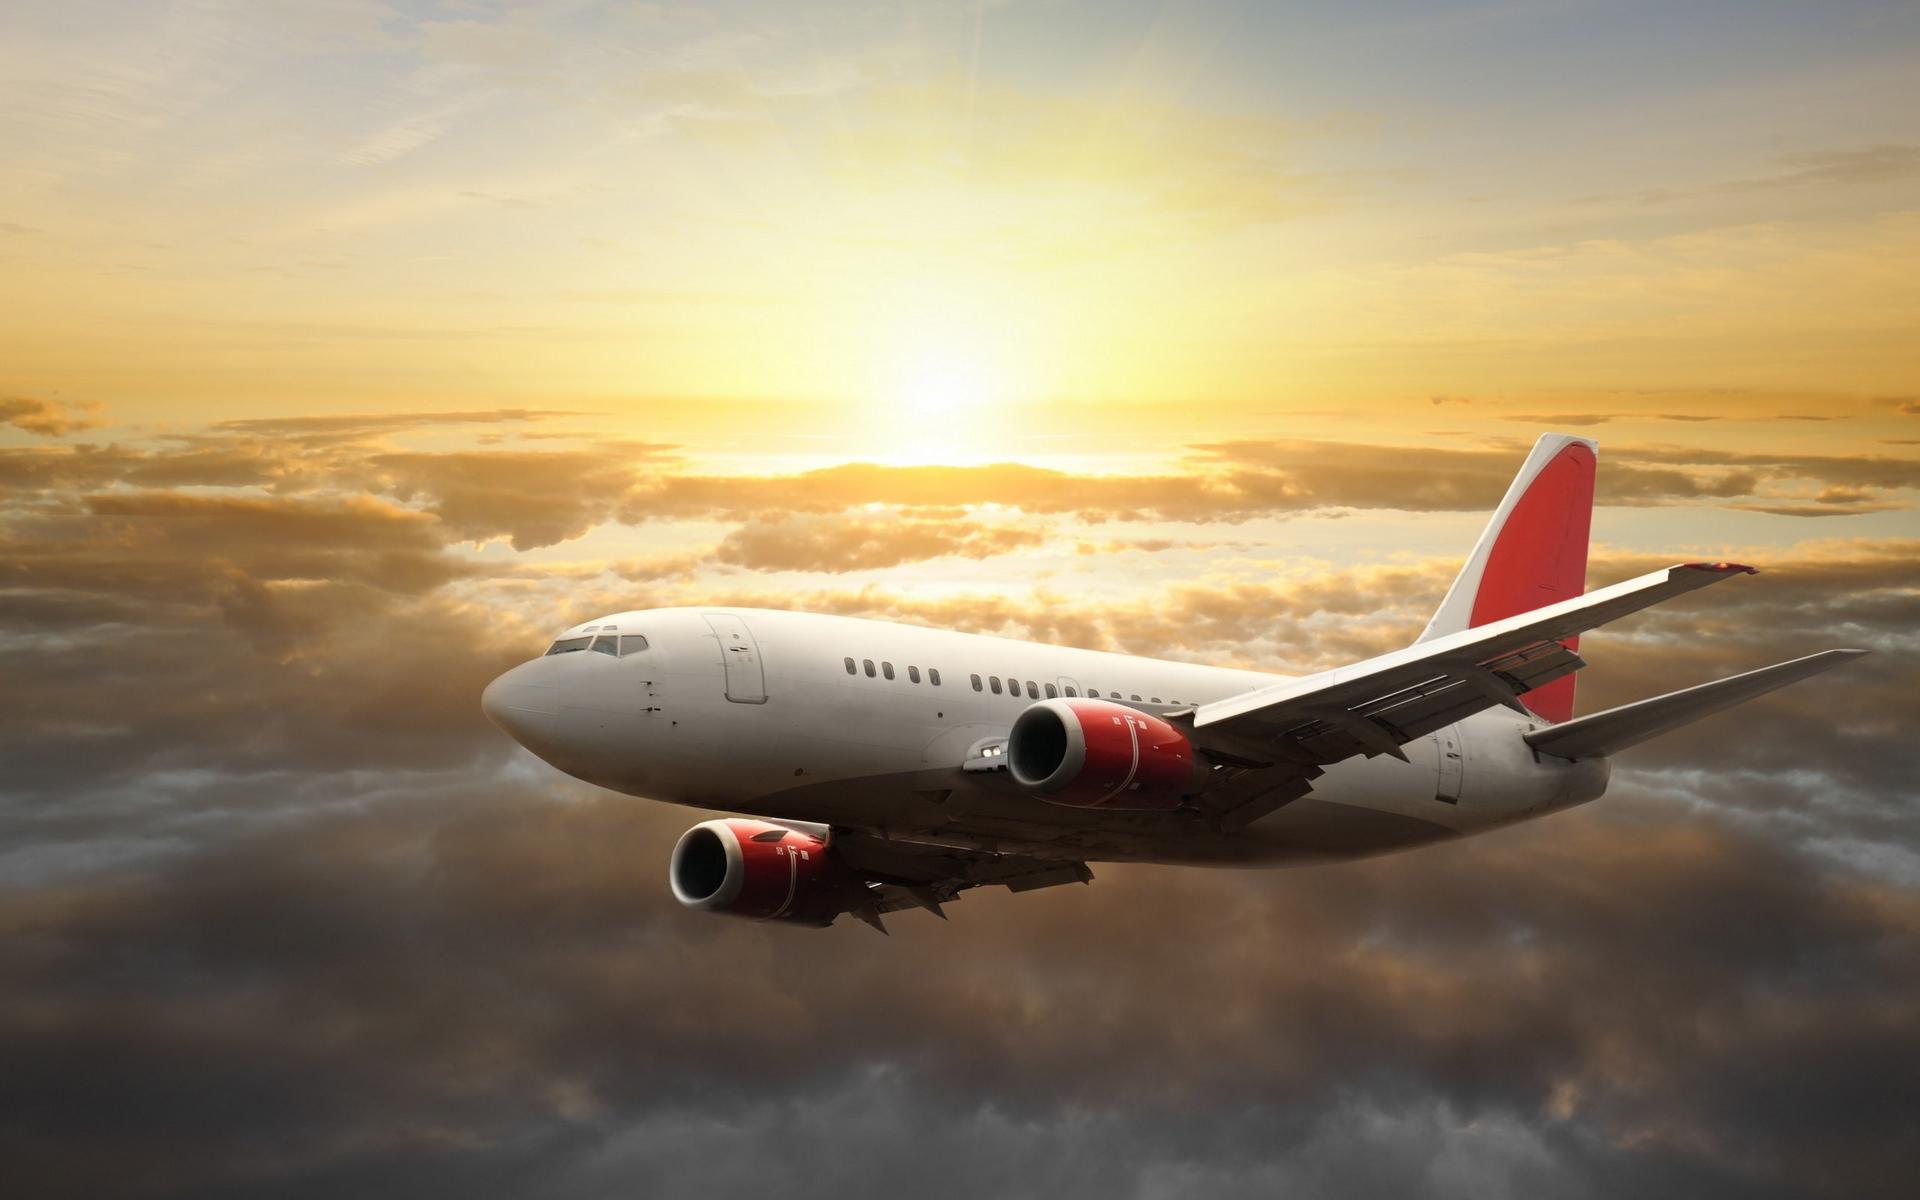 Кто делает фото самолетов в полете